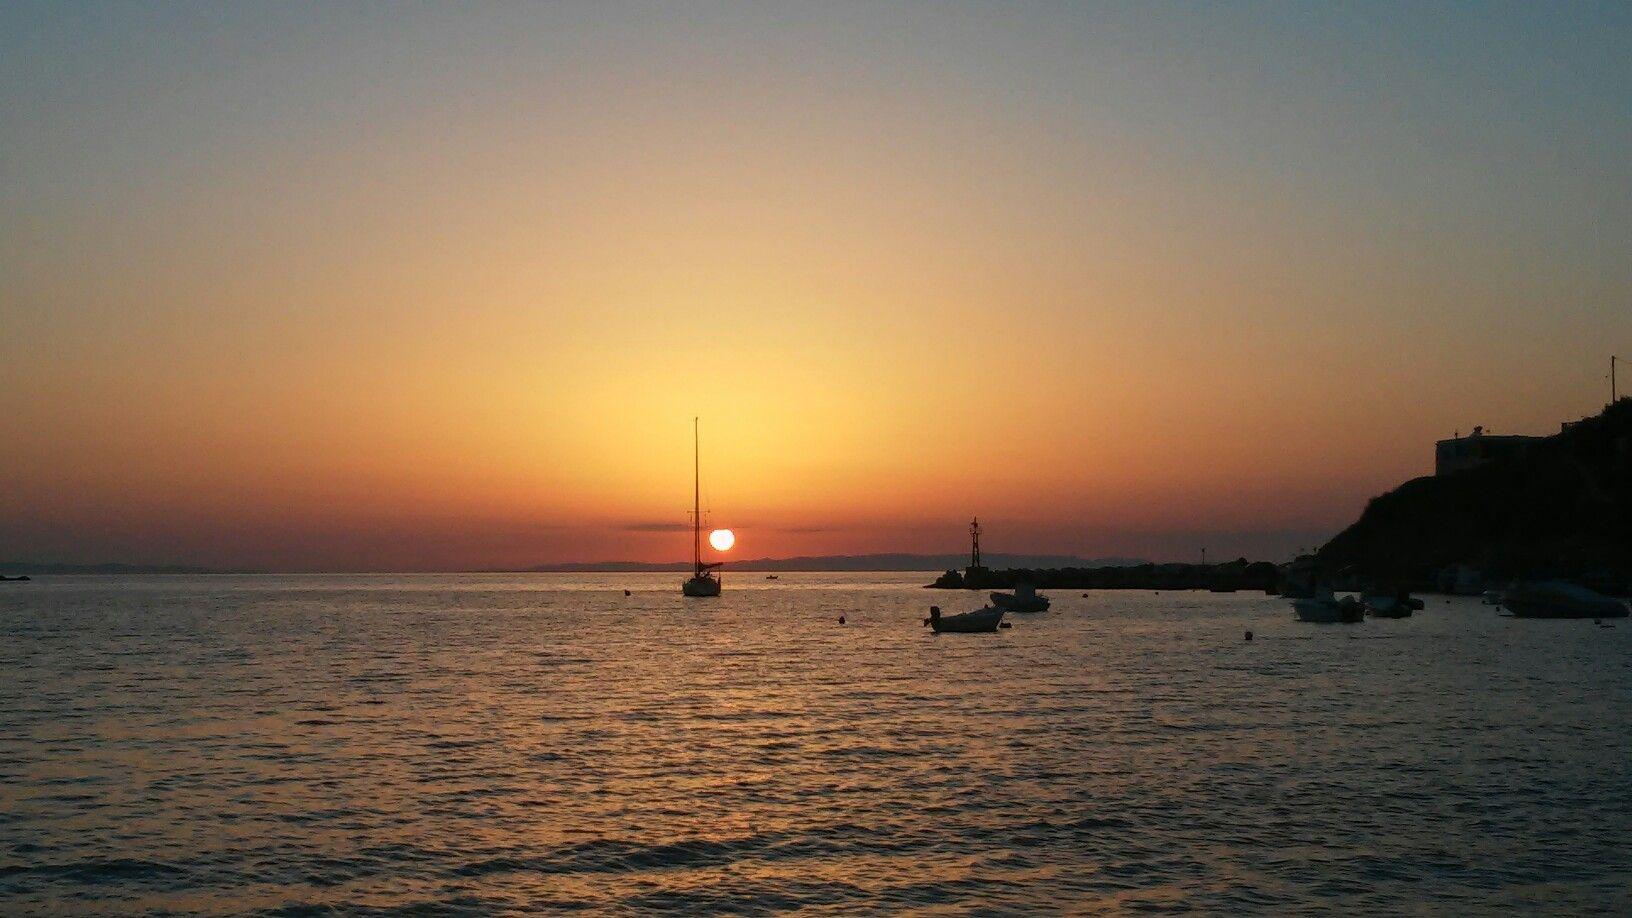 Kini, Syros, Greece